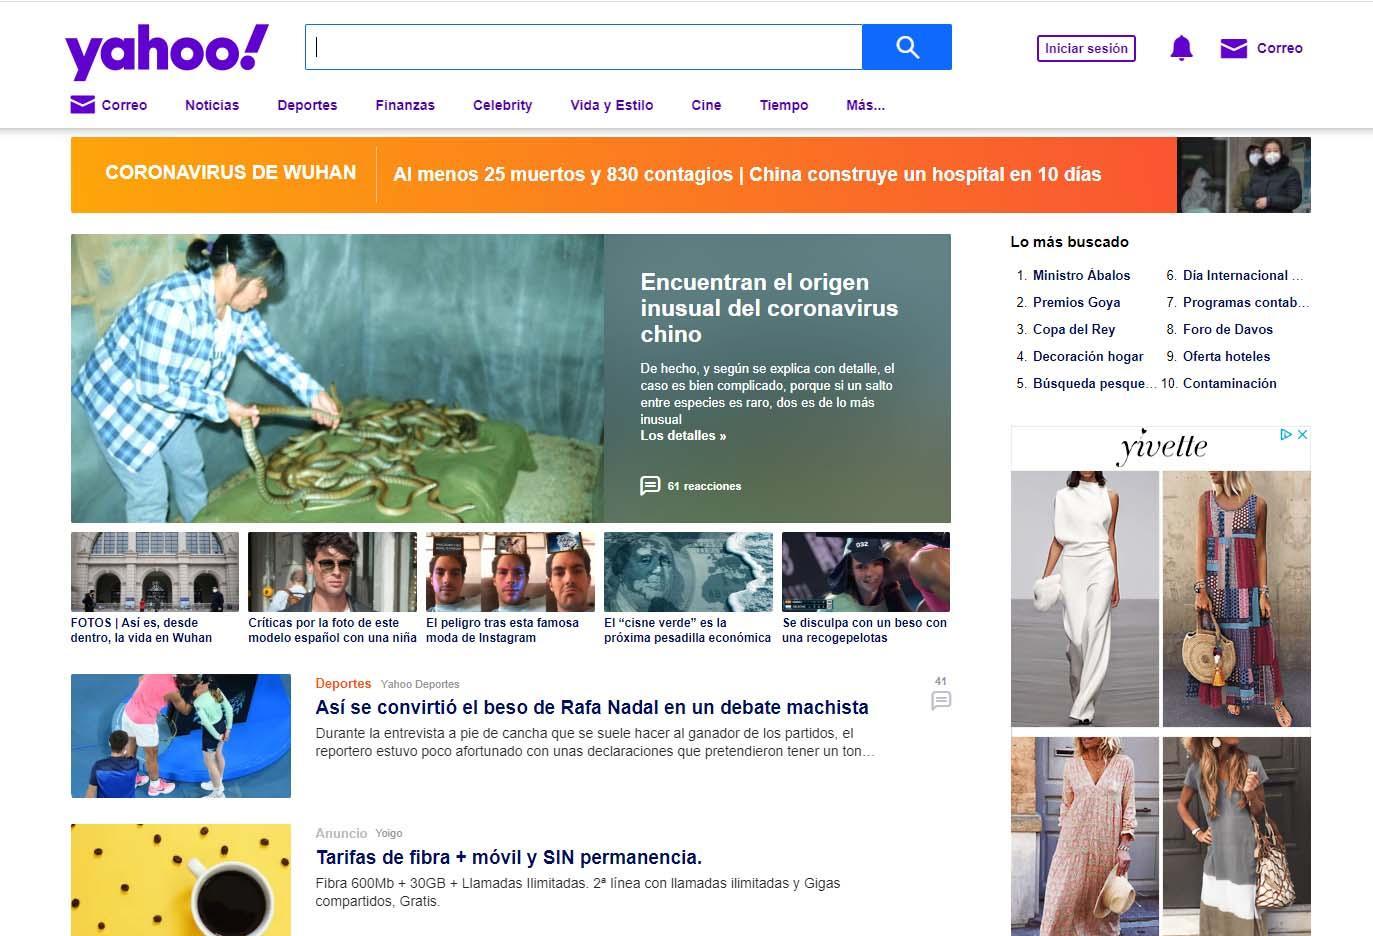 buscadores de internet yahoo